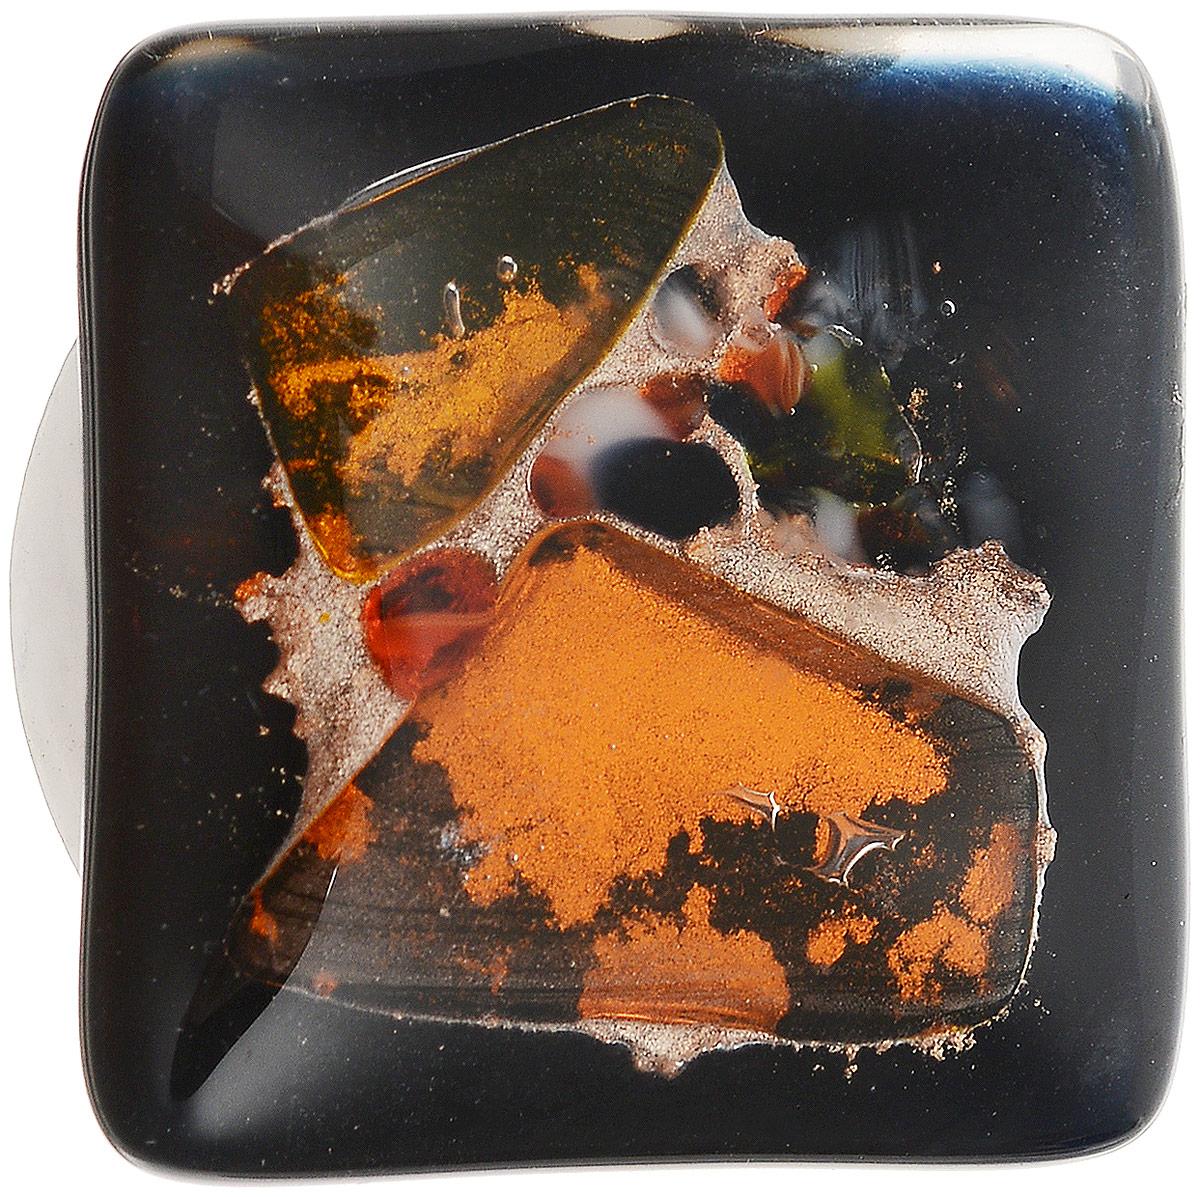 Брошь Сотворение мира. Муранское стекло, магнит, ручная работа. Murano, Италия (Венеция)НПО 070217-08Брошь Сотворение мира. Муранское стекло, магнит, ручная работа. Murano, Италия (Венеция). Размер - 3 х 3 см. Тип крепления - магнит. Брошь можно носить на одежде, шляпе, рюкзаке или сумке. Каждое изделие из муранского стекла уникально и может незначительно отличаться от того, что вы видите на фотографии.